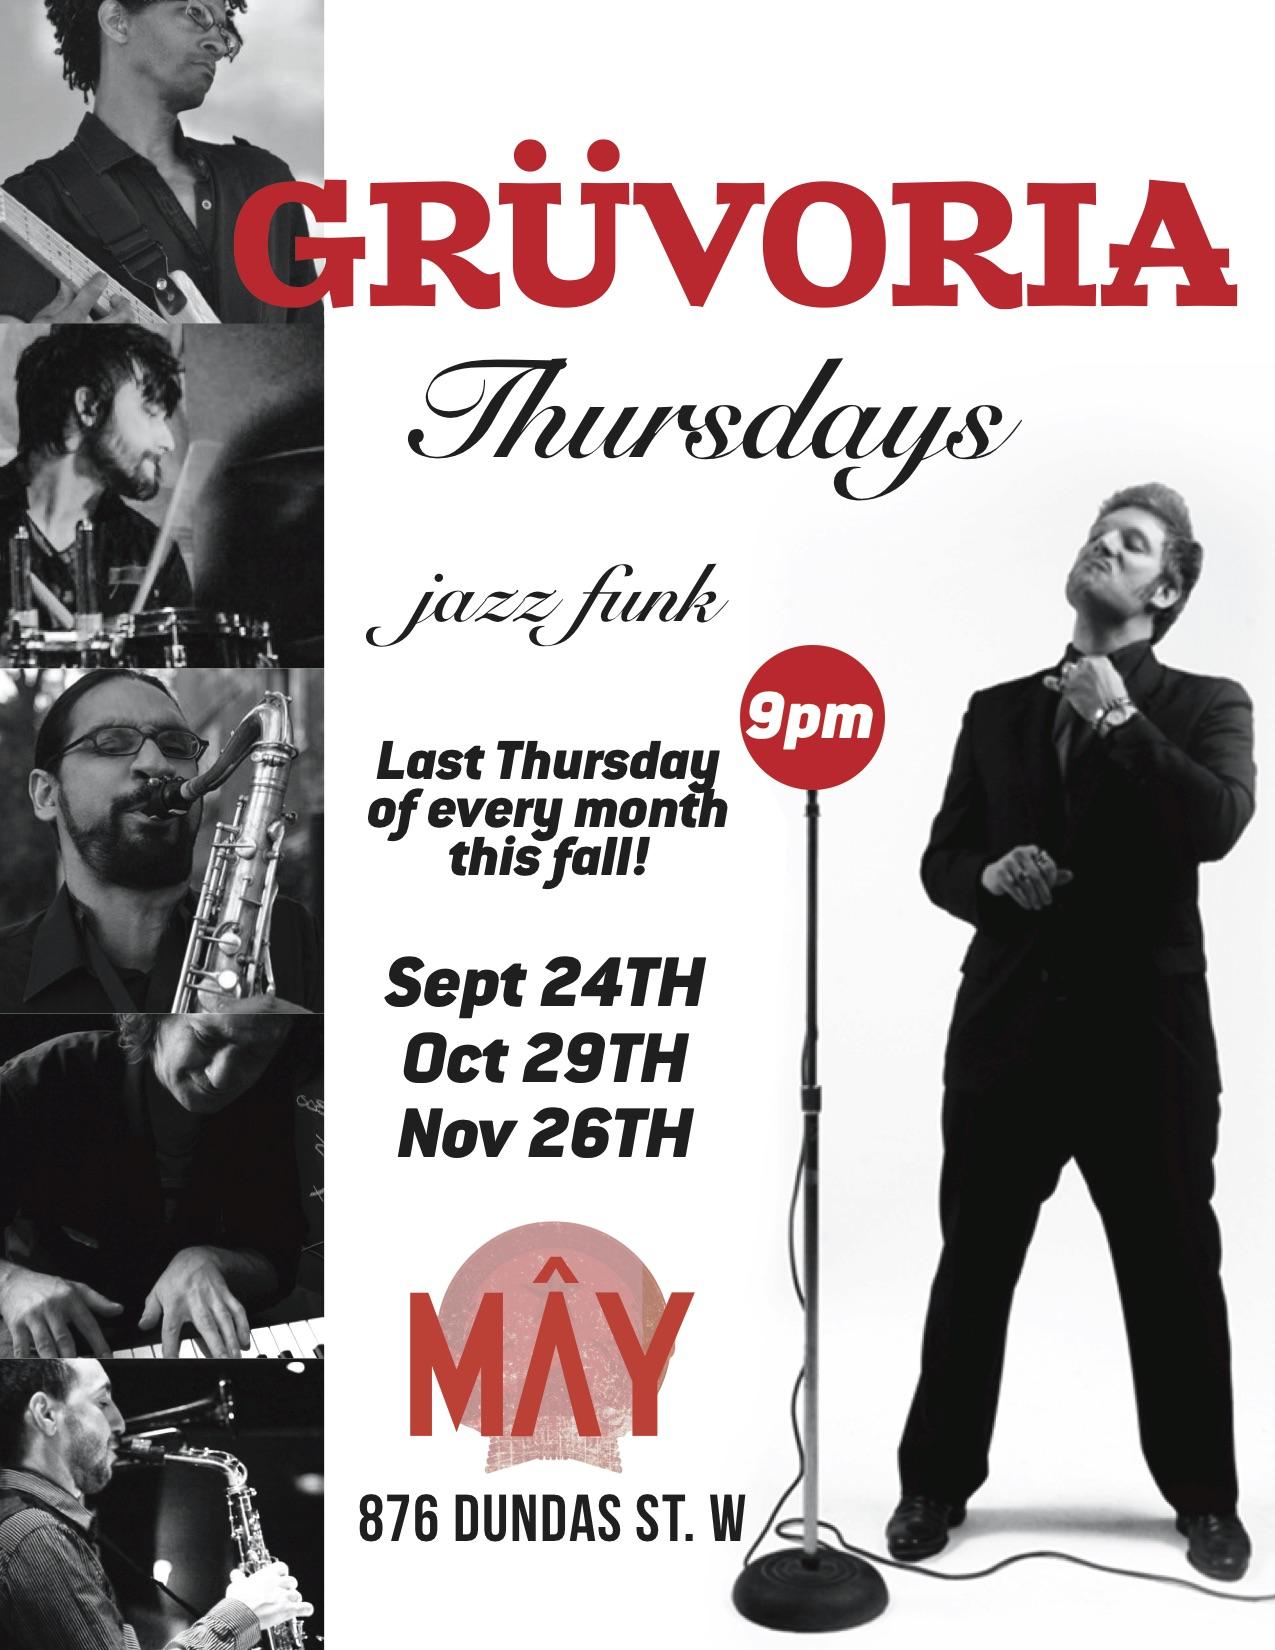 Gruvoria_Thursdays_poster_FINAL